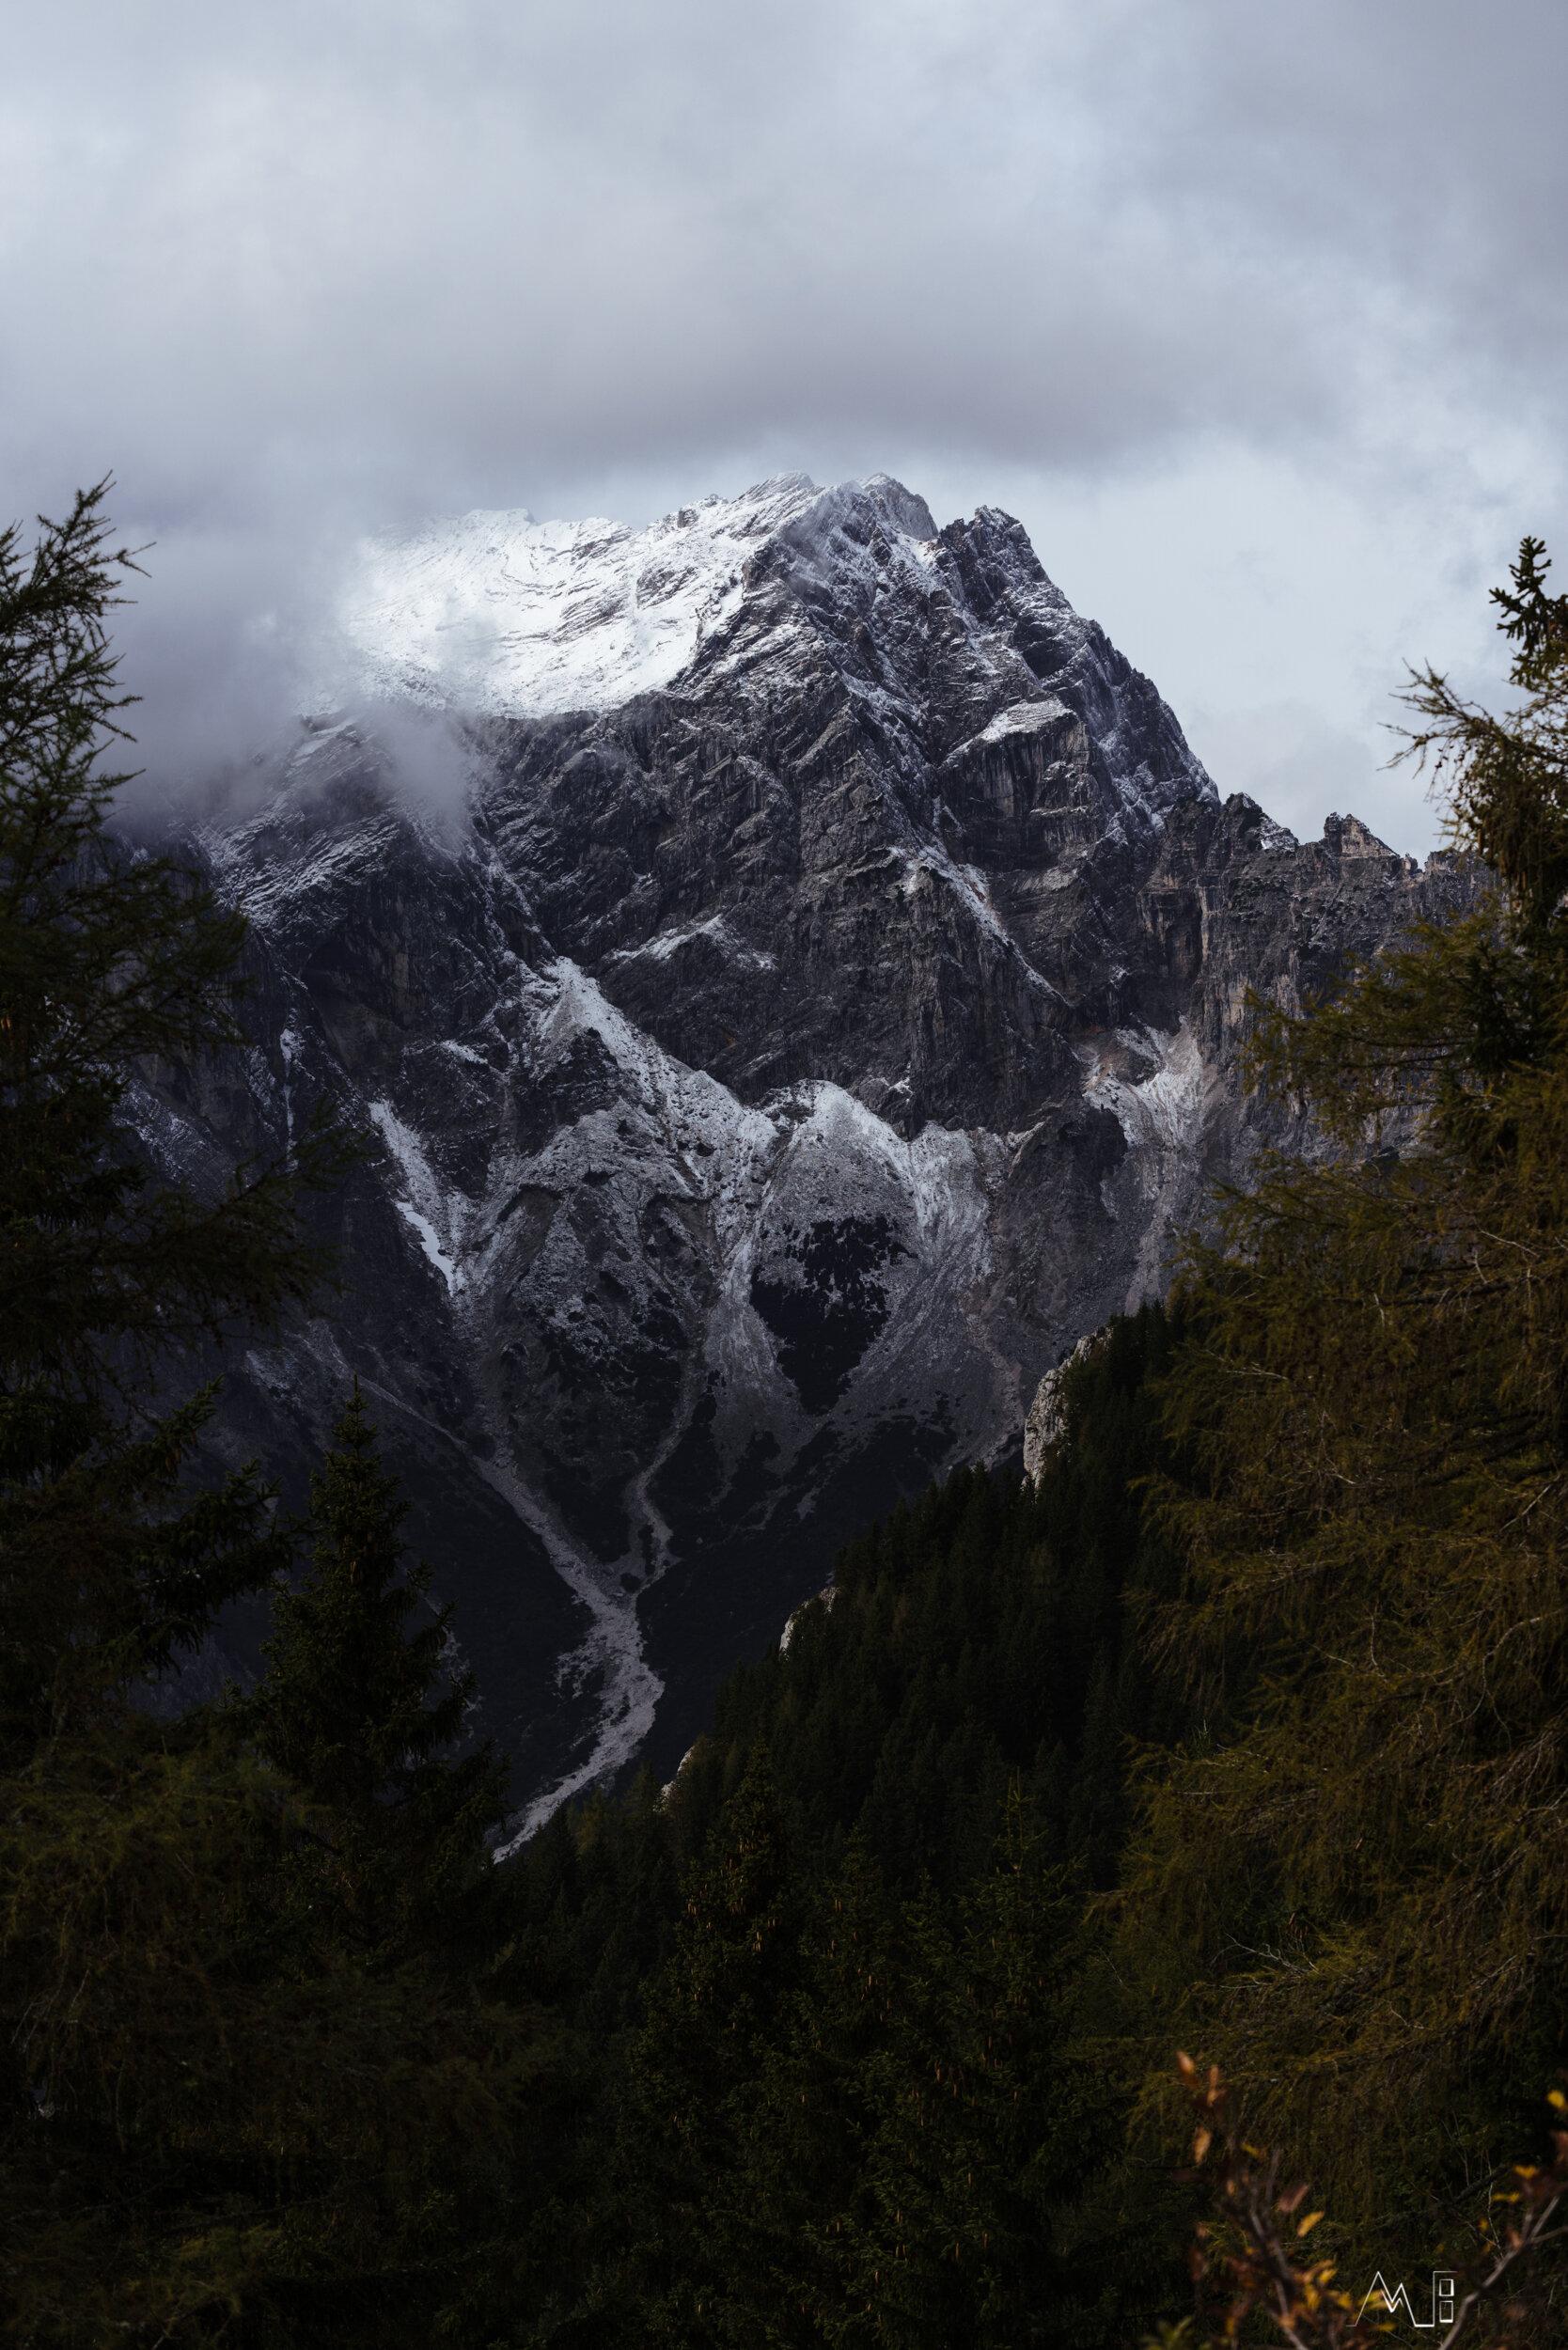 St. Gallener Spitze